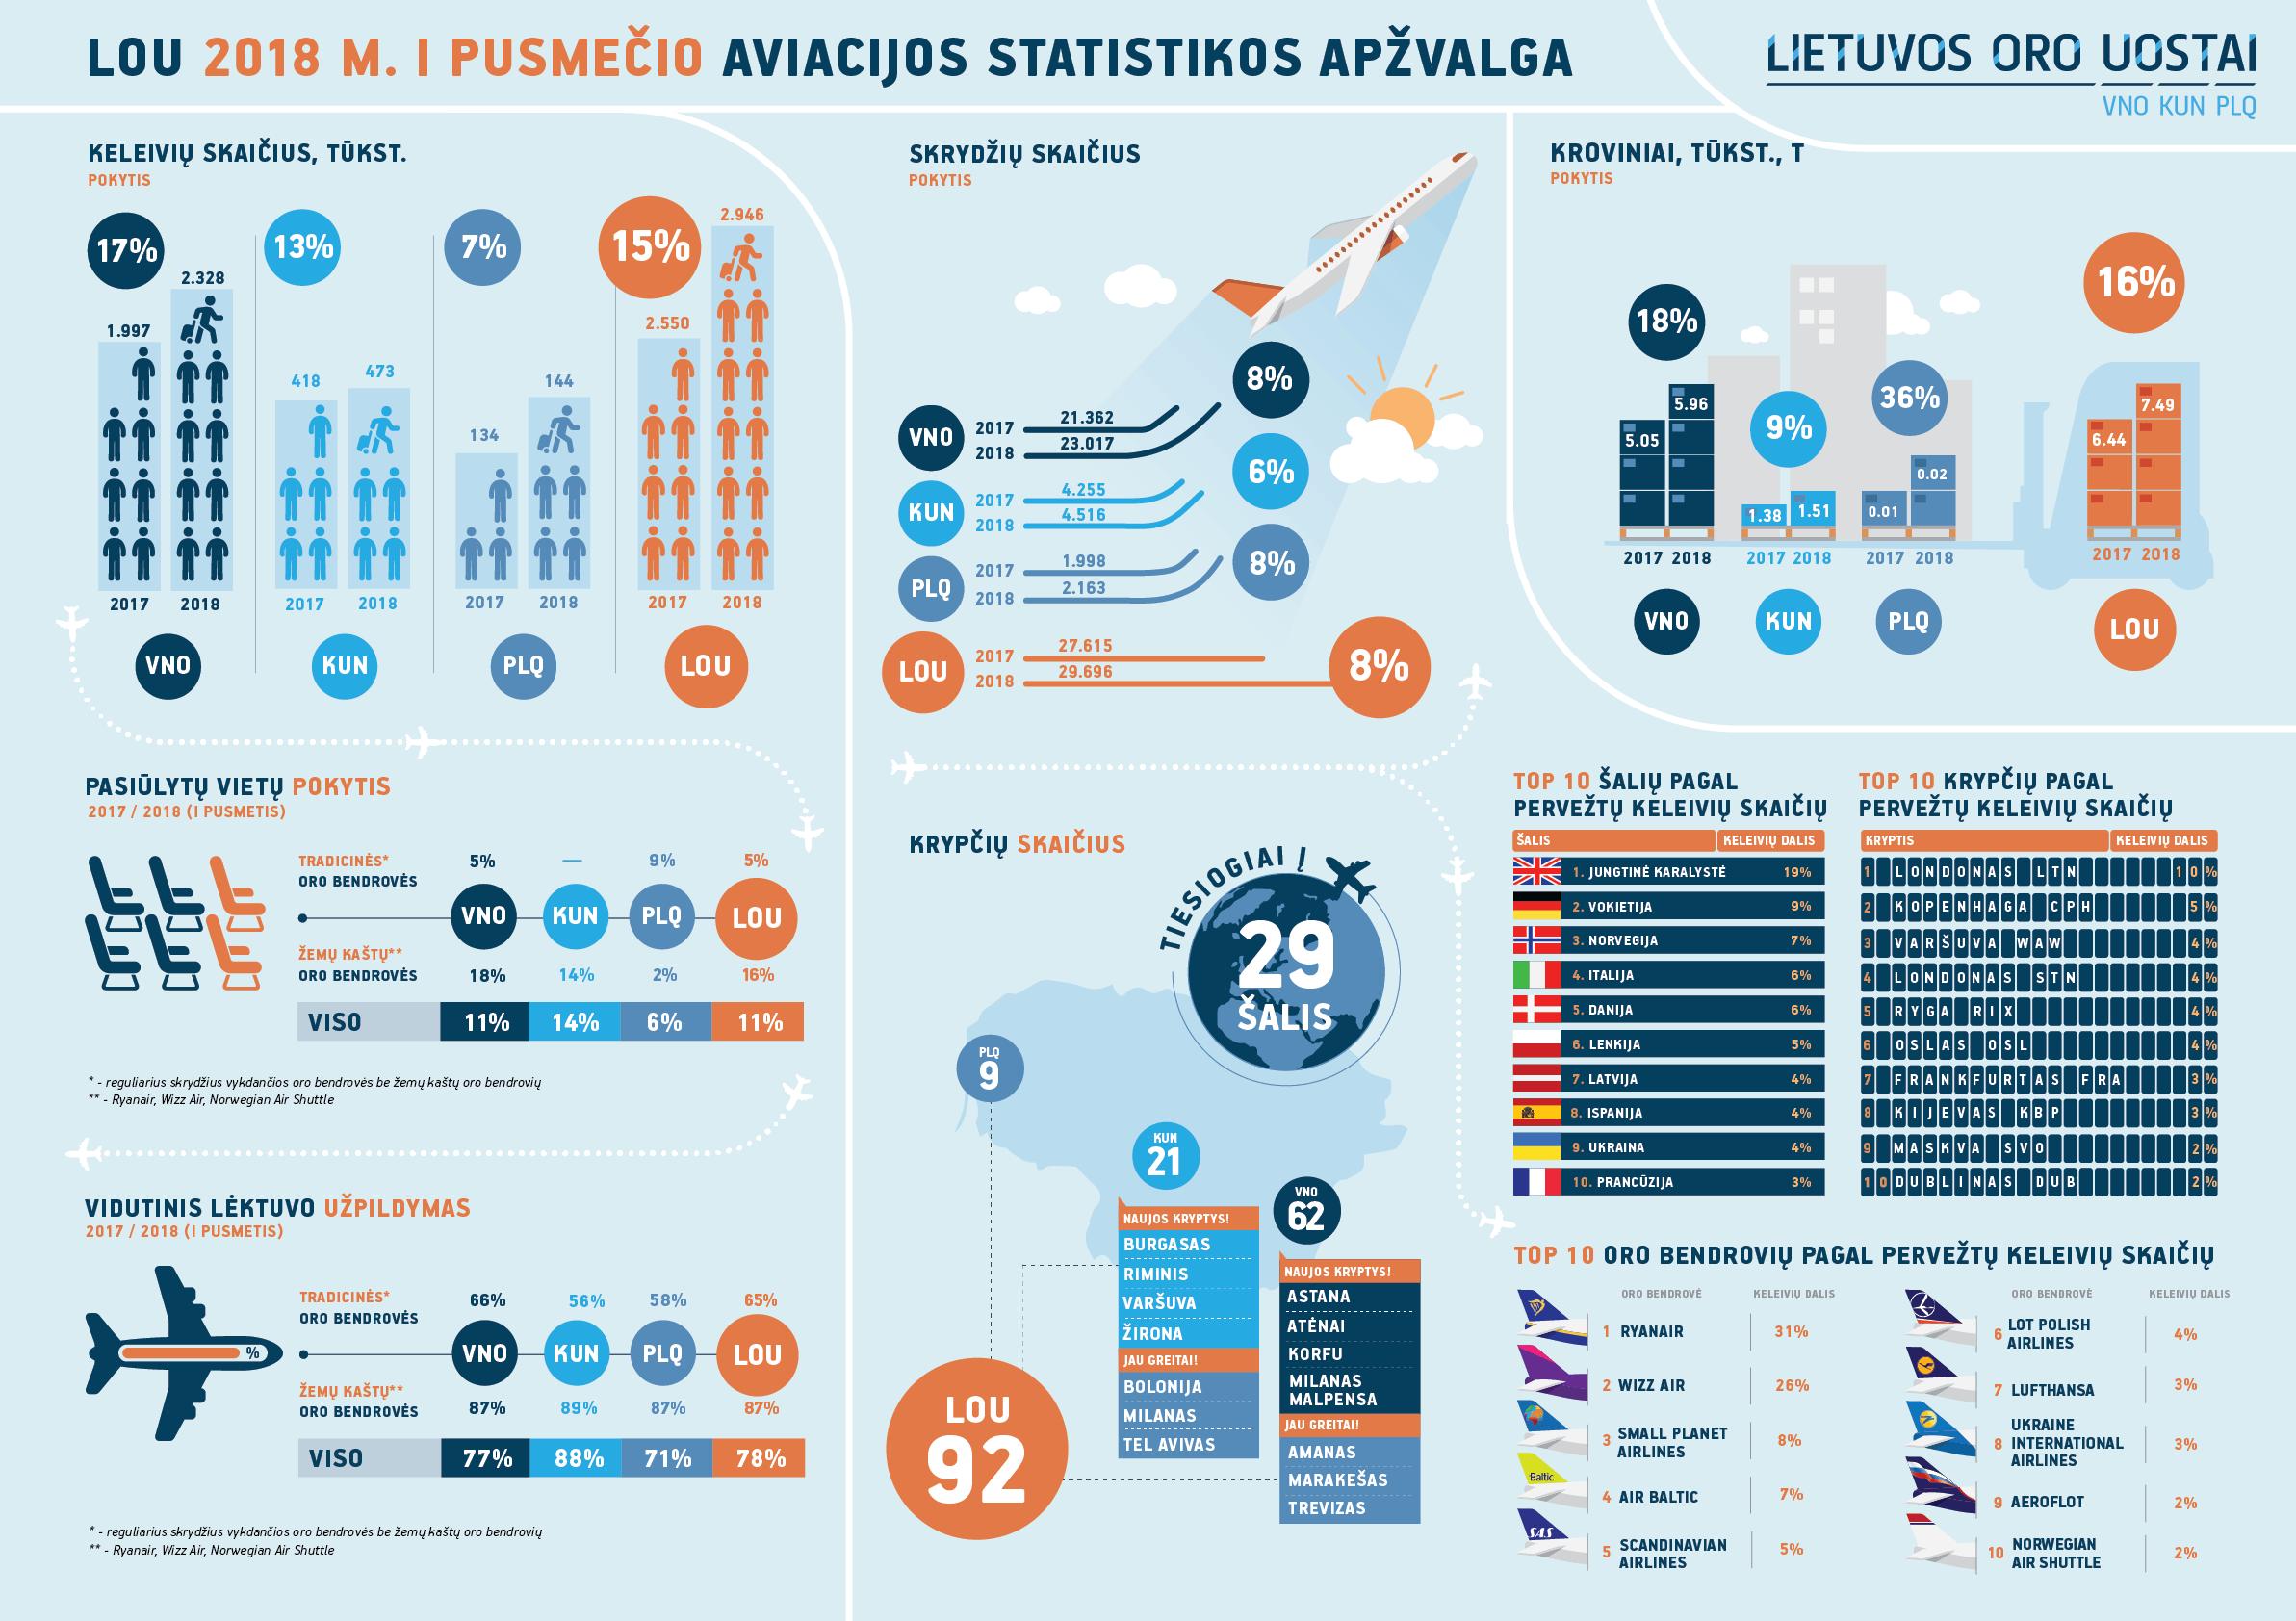 Pirmąjį pusmetį Lietuvos oro uostuose augo ir keleivių, ir skrydžių skaičius